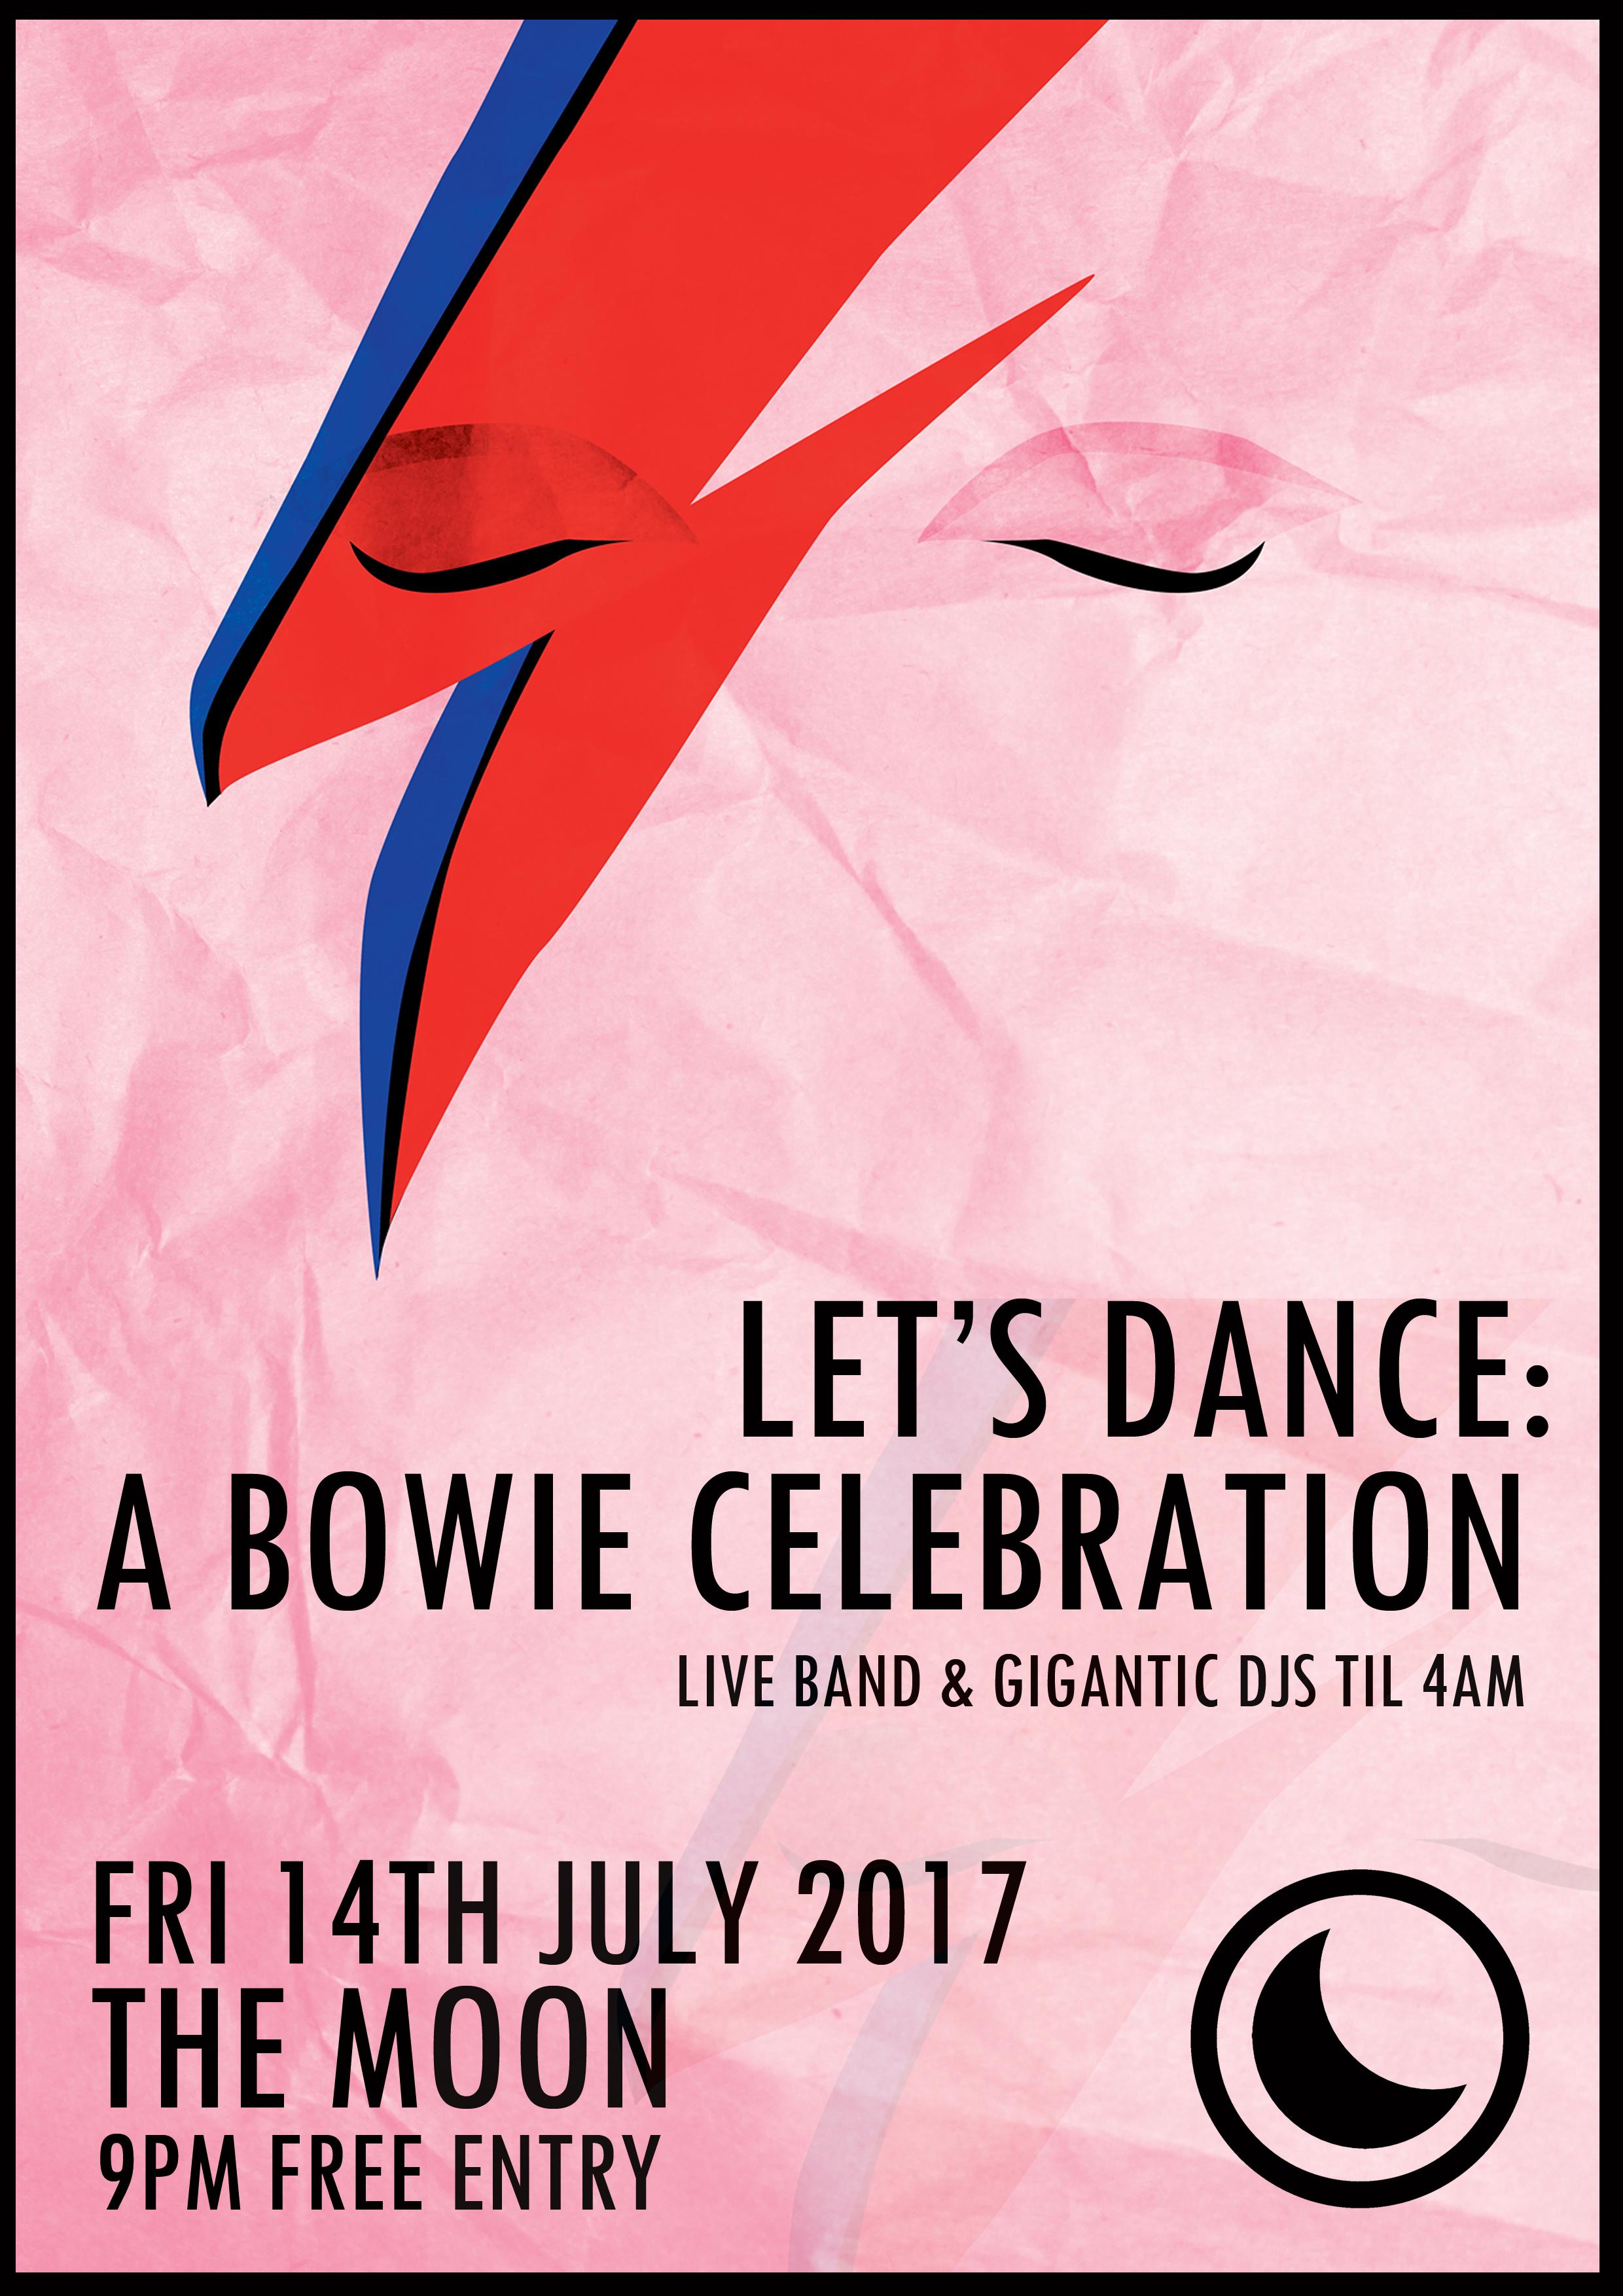 Let's Dance: A Bowie Celebration